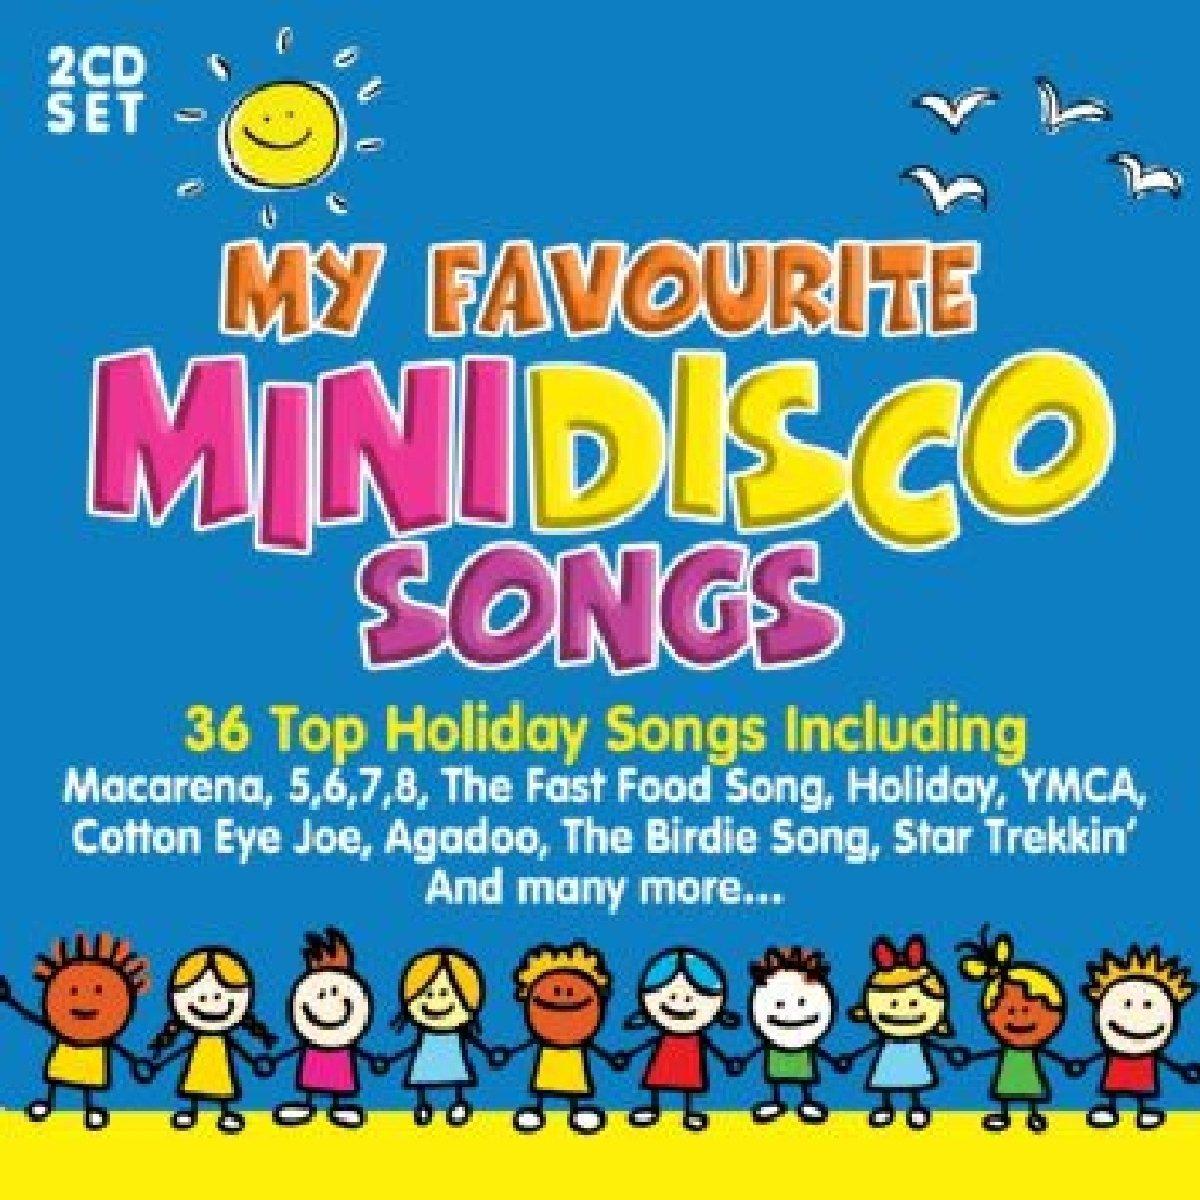 Cheesy holiday songs